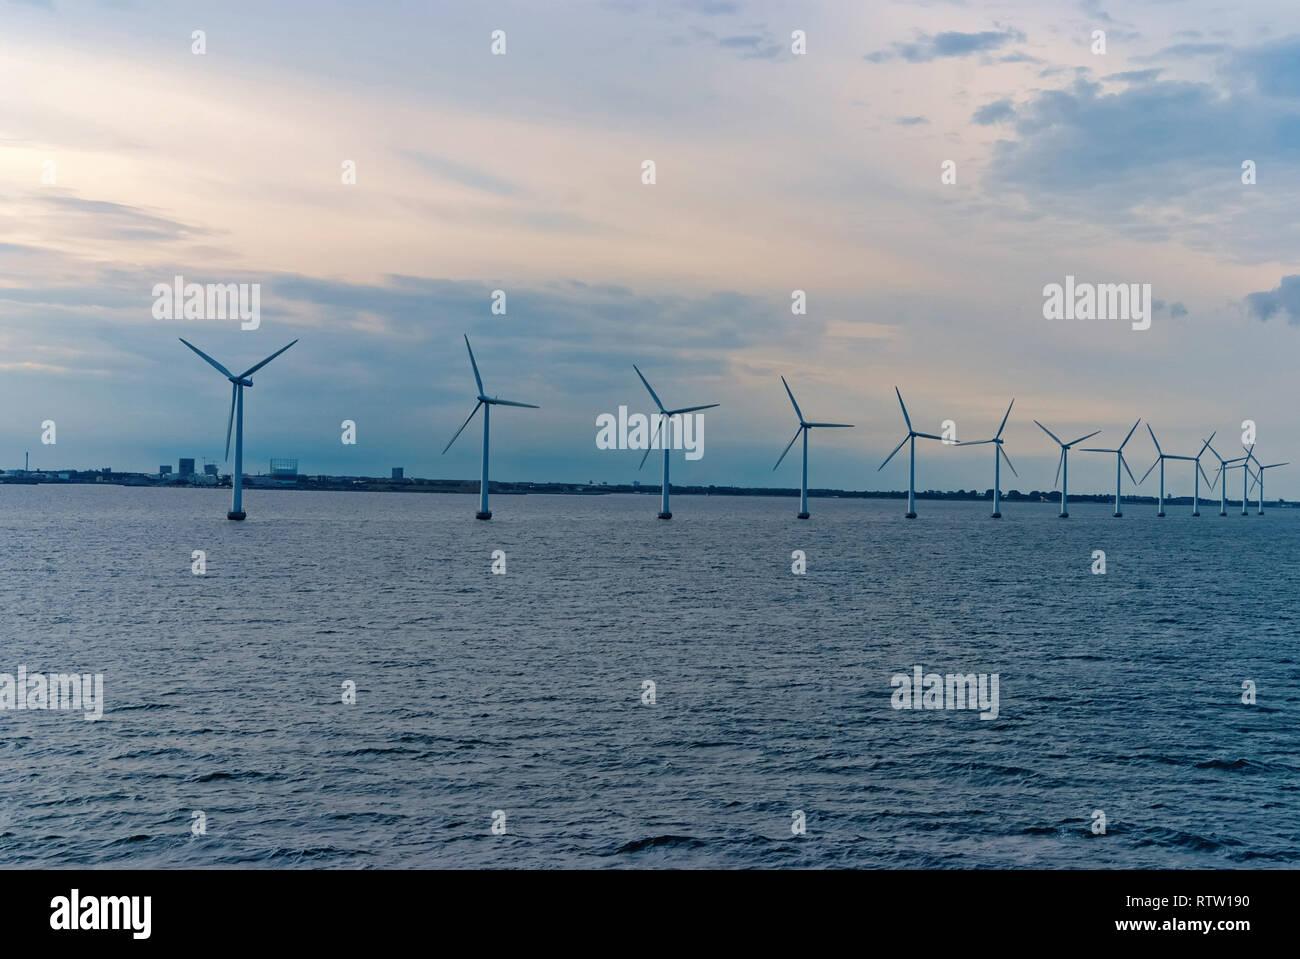 Windkraftanlagen im Meer in Kopenhagen, Dänemark. Offshore Windpark für Erneuerbare nachhaltige und alternative Energieerzeugung. Grüne Wirtschaft. Ökologie und Umwelt. Eco Power. Stockbild